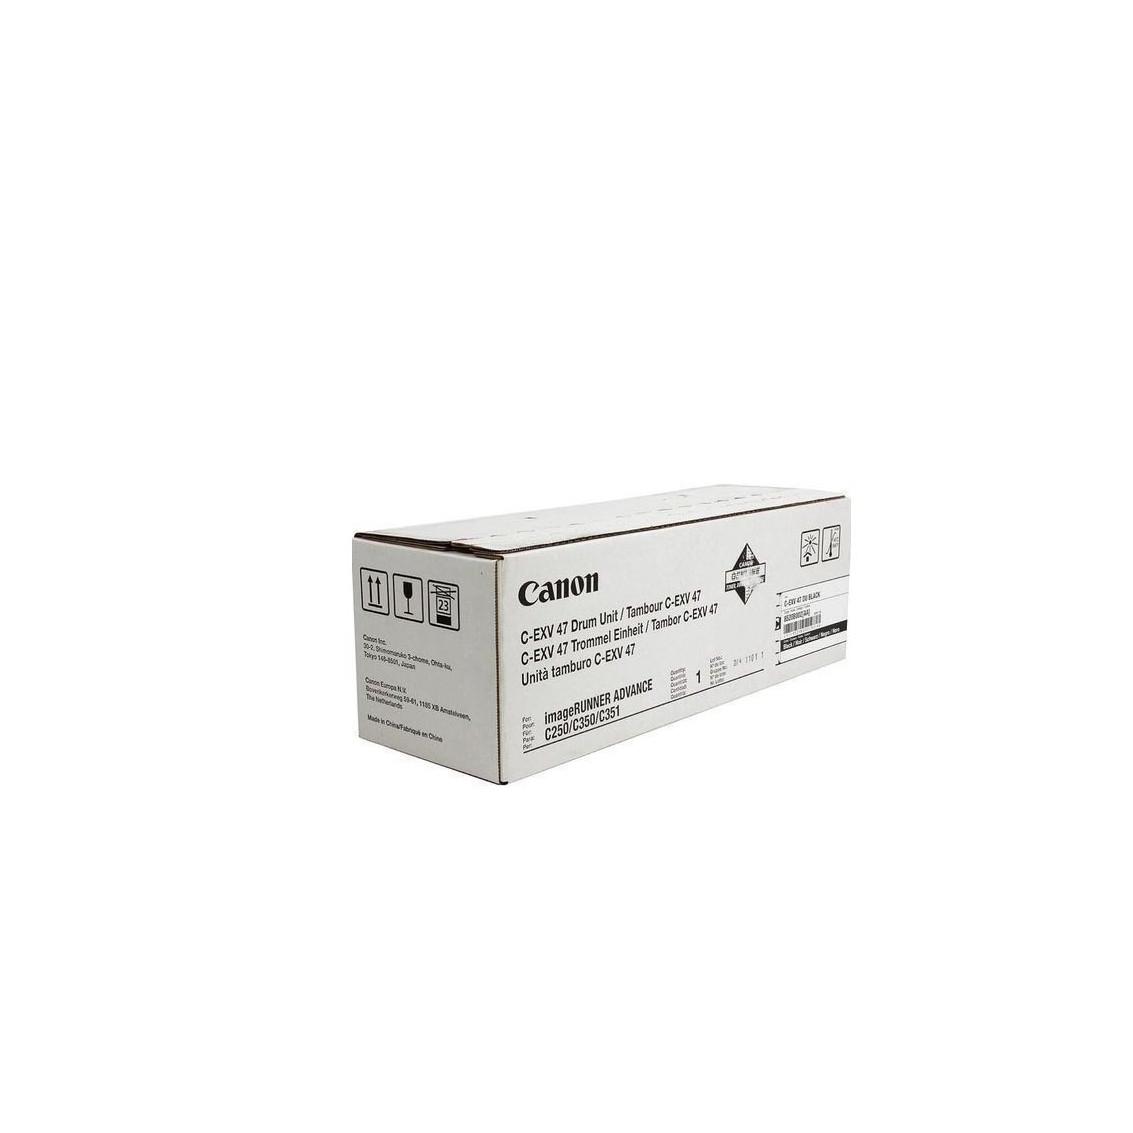 Драм картридж Canon C-EXV47 (Оригинальный, Черный - Black) 8520B002